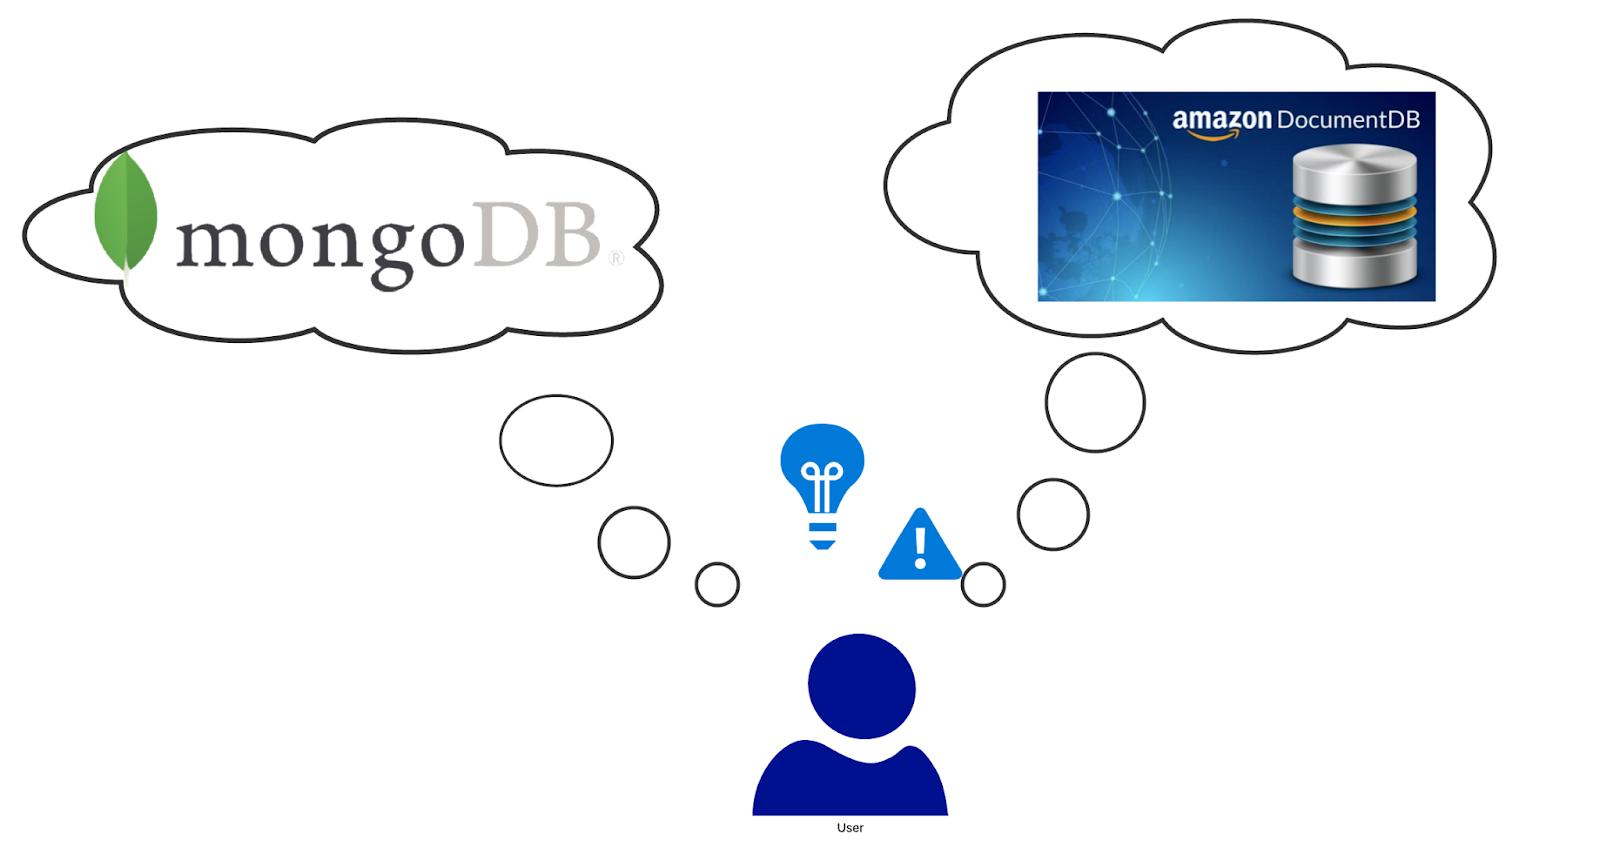 MongoDB v/s DocumentDB